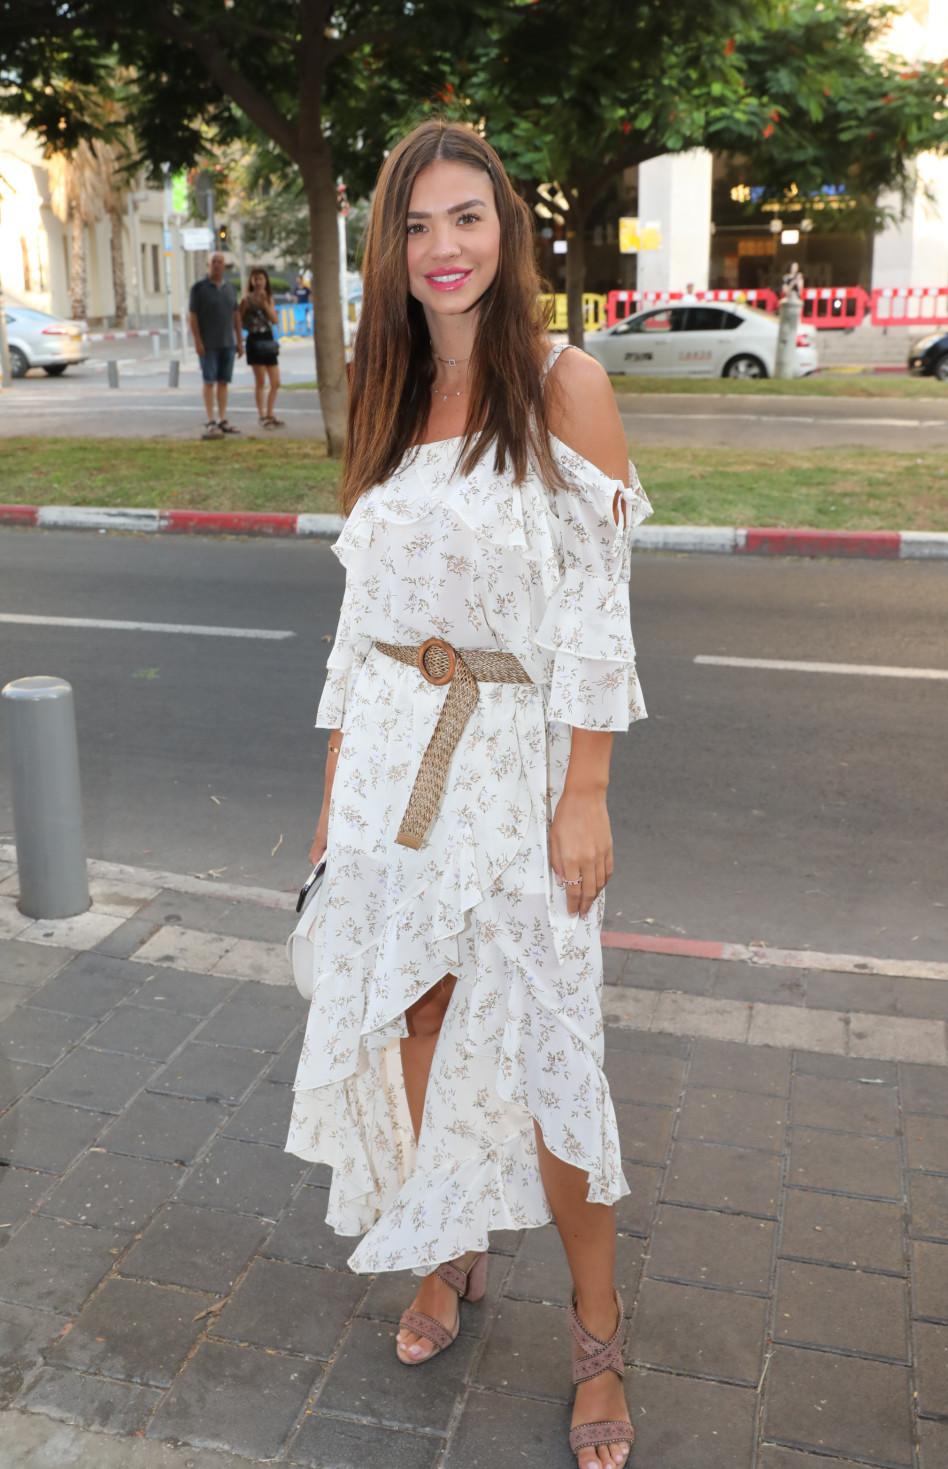 בשמלה לבנה. רוסלנה רודינה